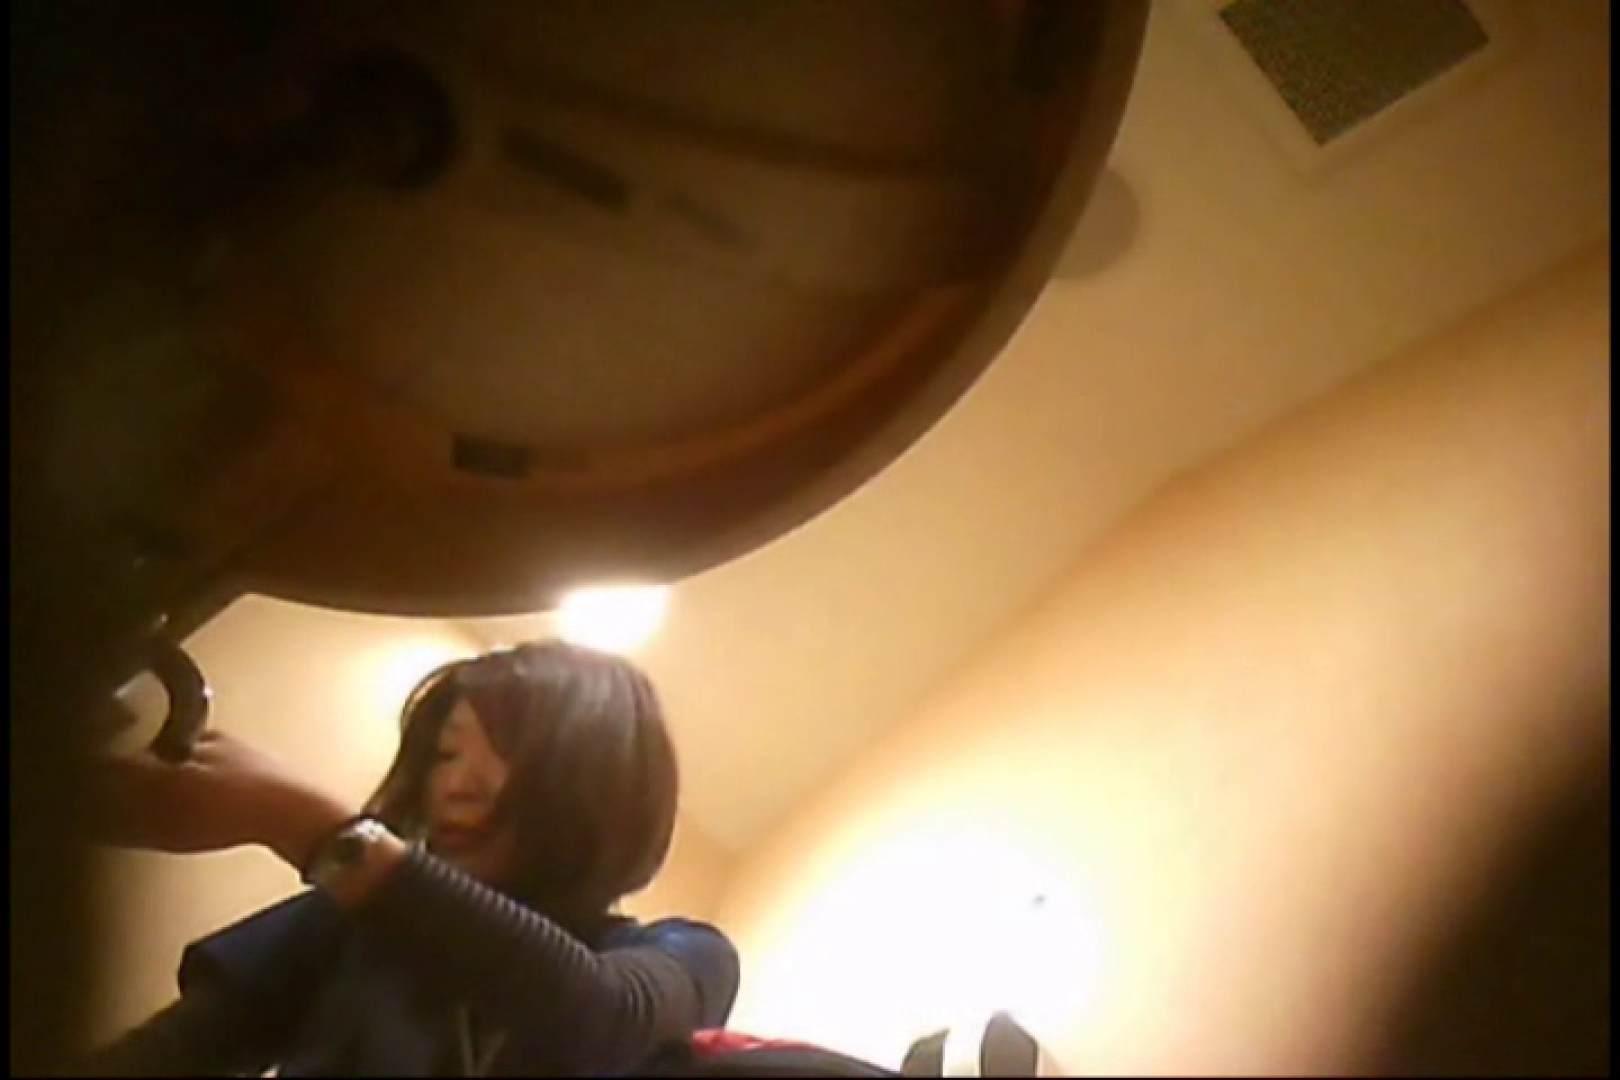 潜入!!女子化粧室盗撮~絶対見られたくない時間~vo,79 超エロお姉さん すけべAV動画紹介 99枚 12